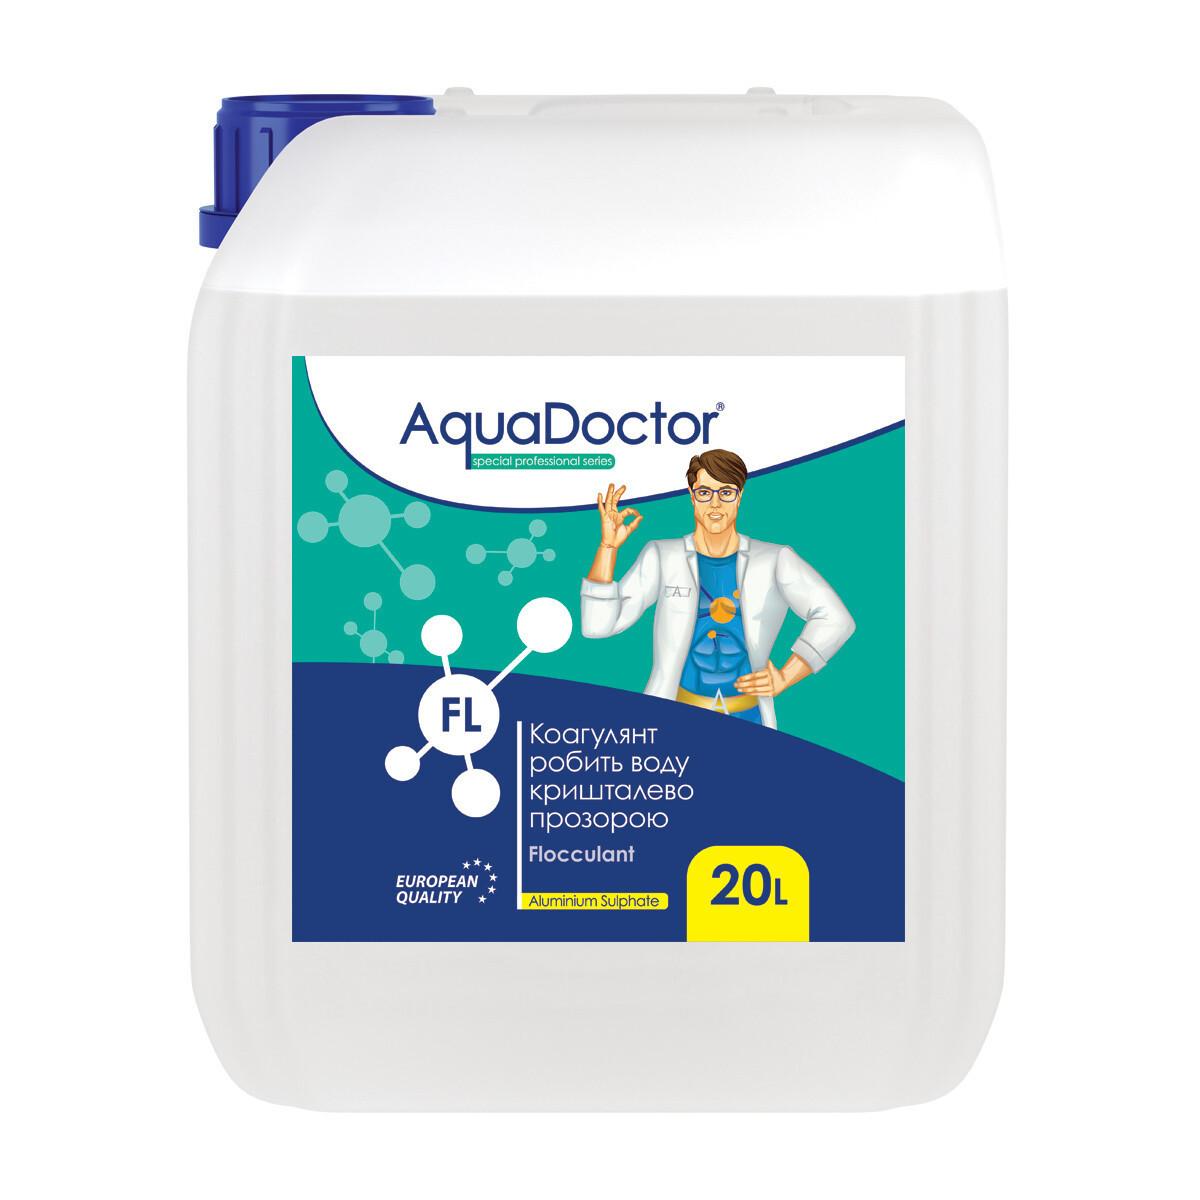 Жидкое коагулирующее средство AquaDoctor FL 1 литр